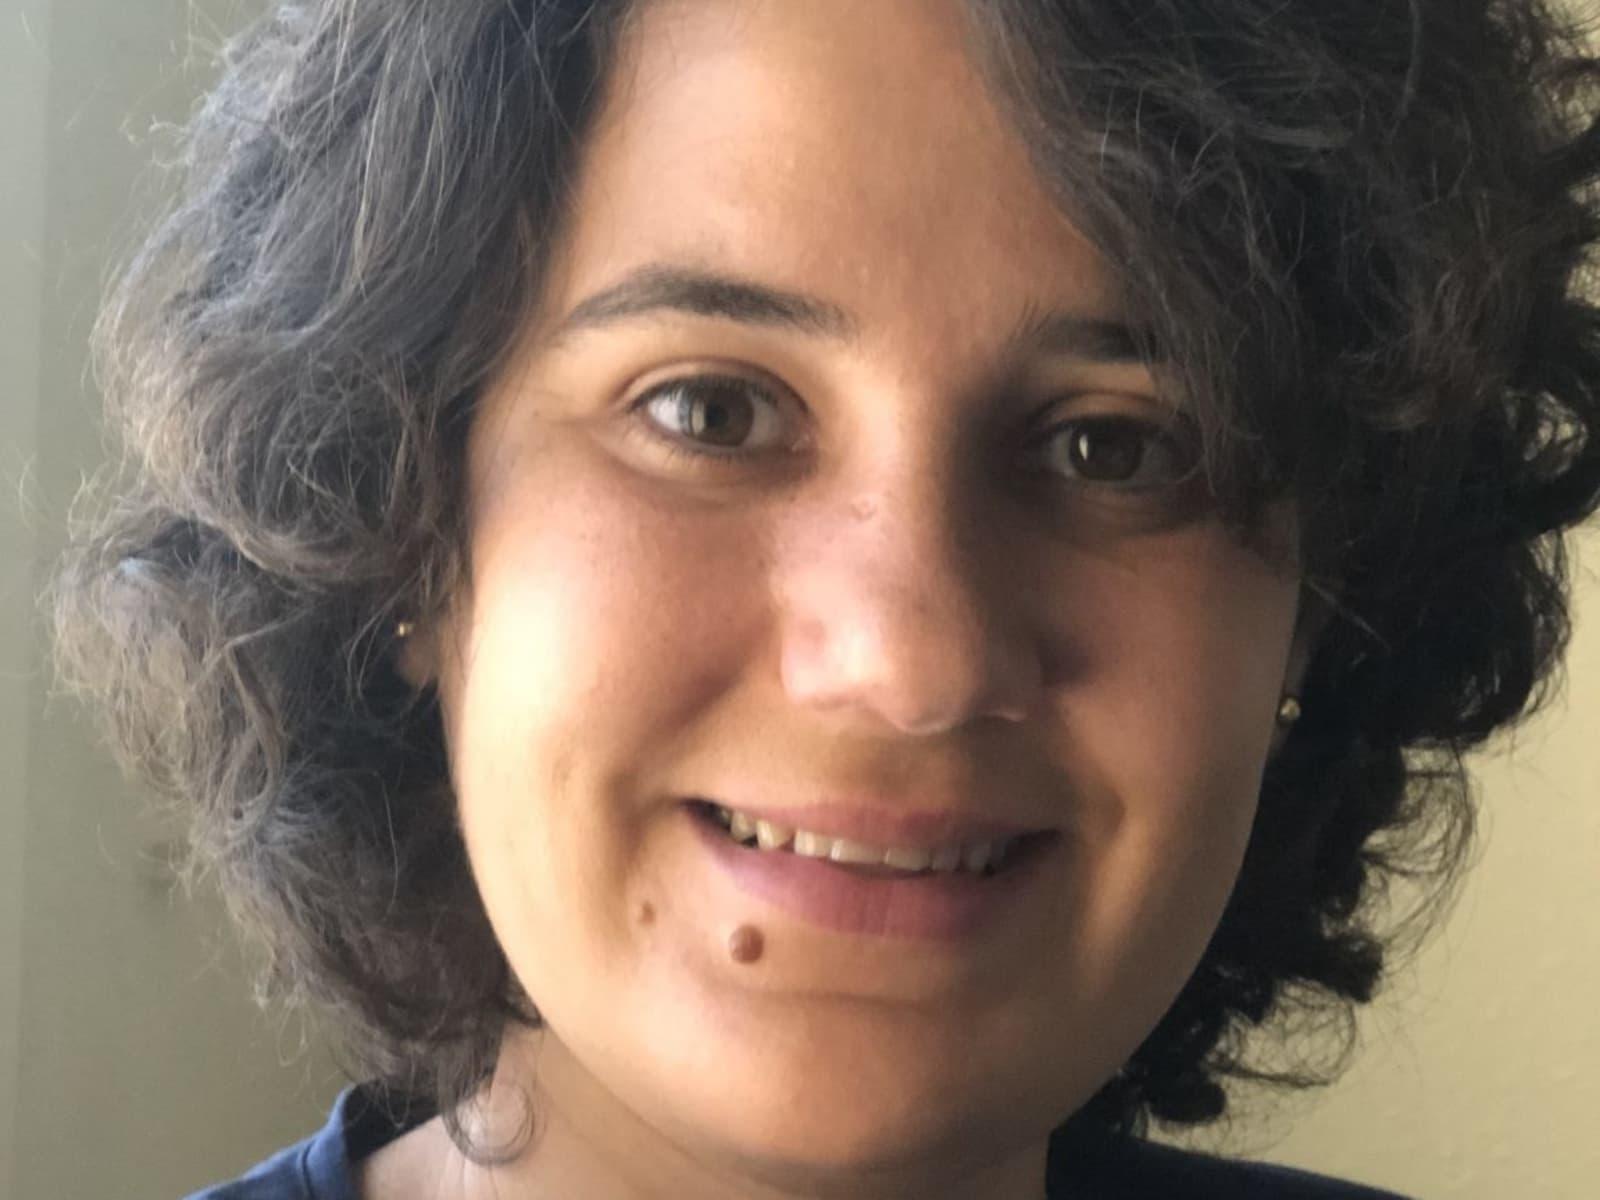 Marina from Córdoba, Argentina